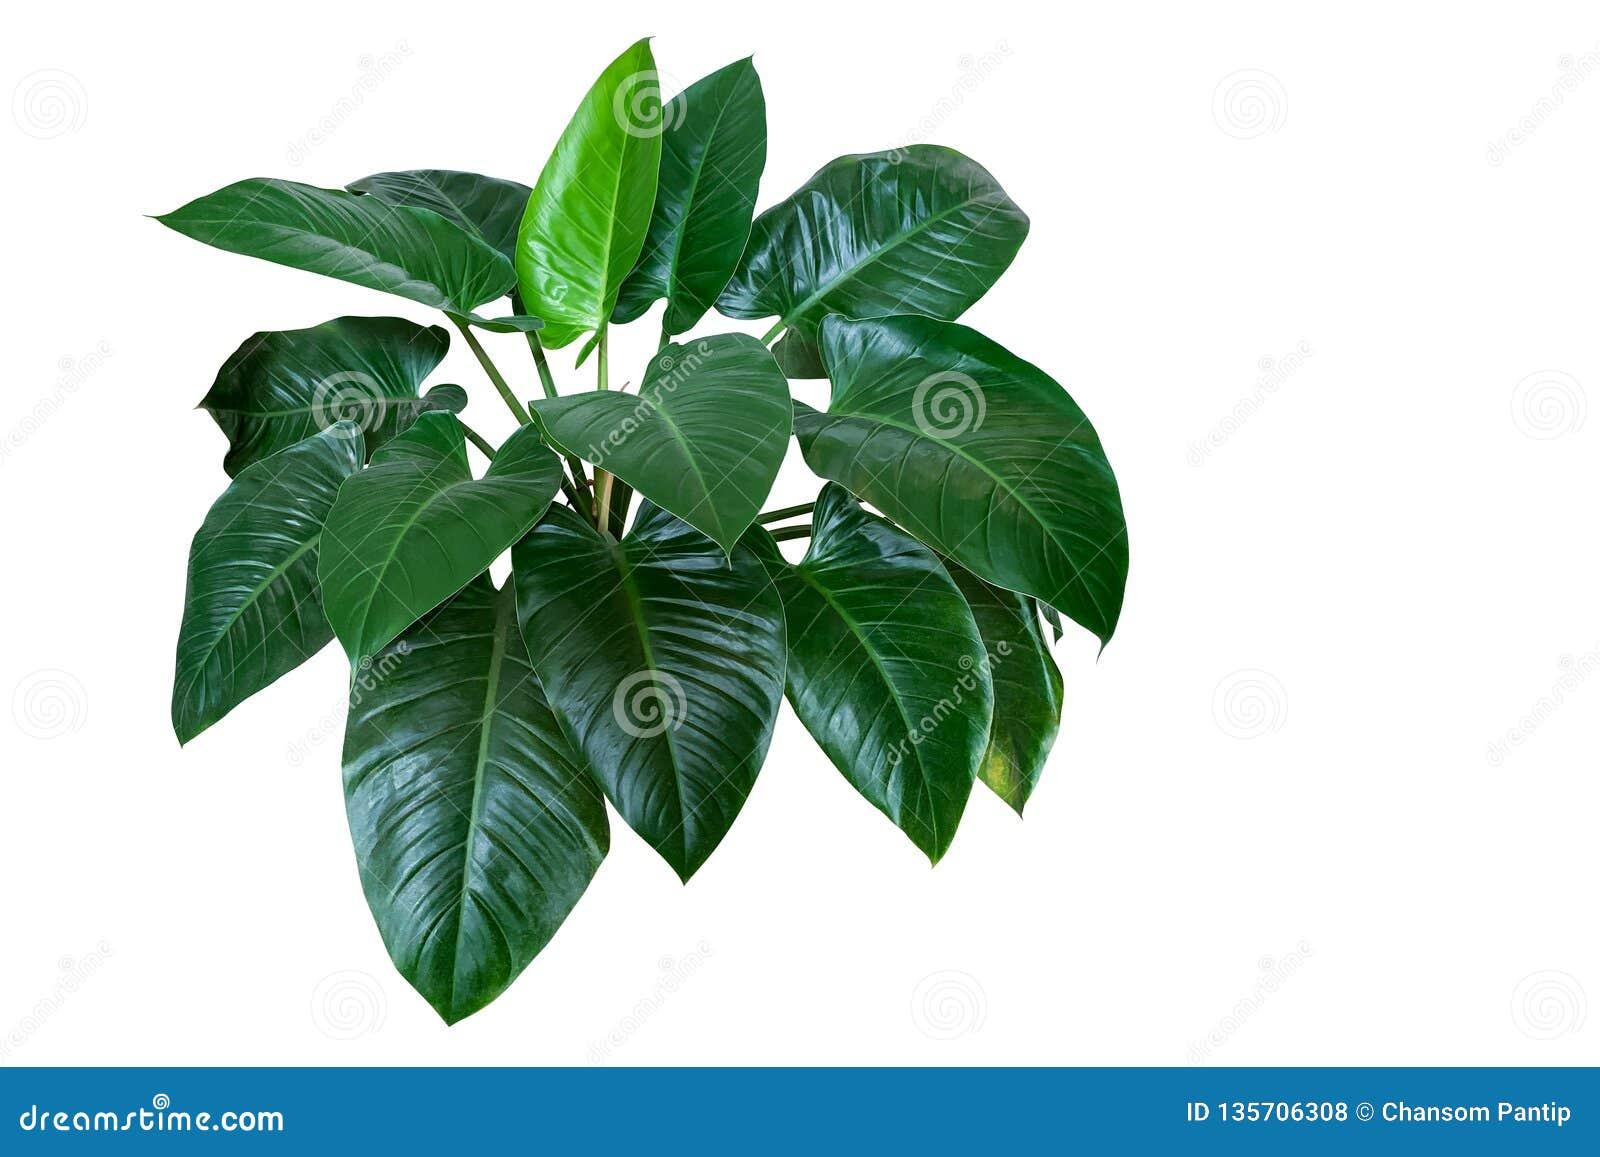 """Η καρδιά διαμόρφωσε τα σκούρο πράσινο φύλλα του τροπικού θάμνου φυτών φυλλώματος Green† philodendron """"Emerald που απομονώθηκ"""